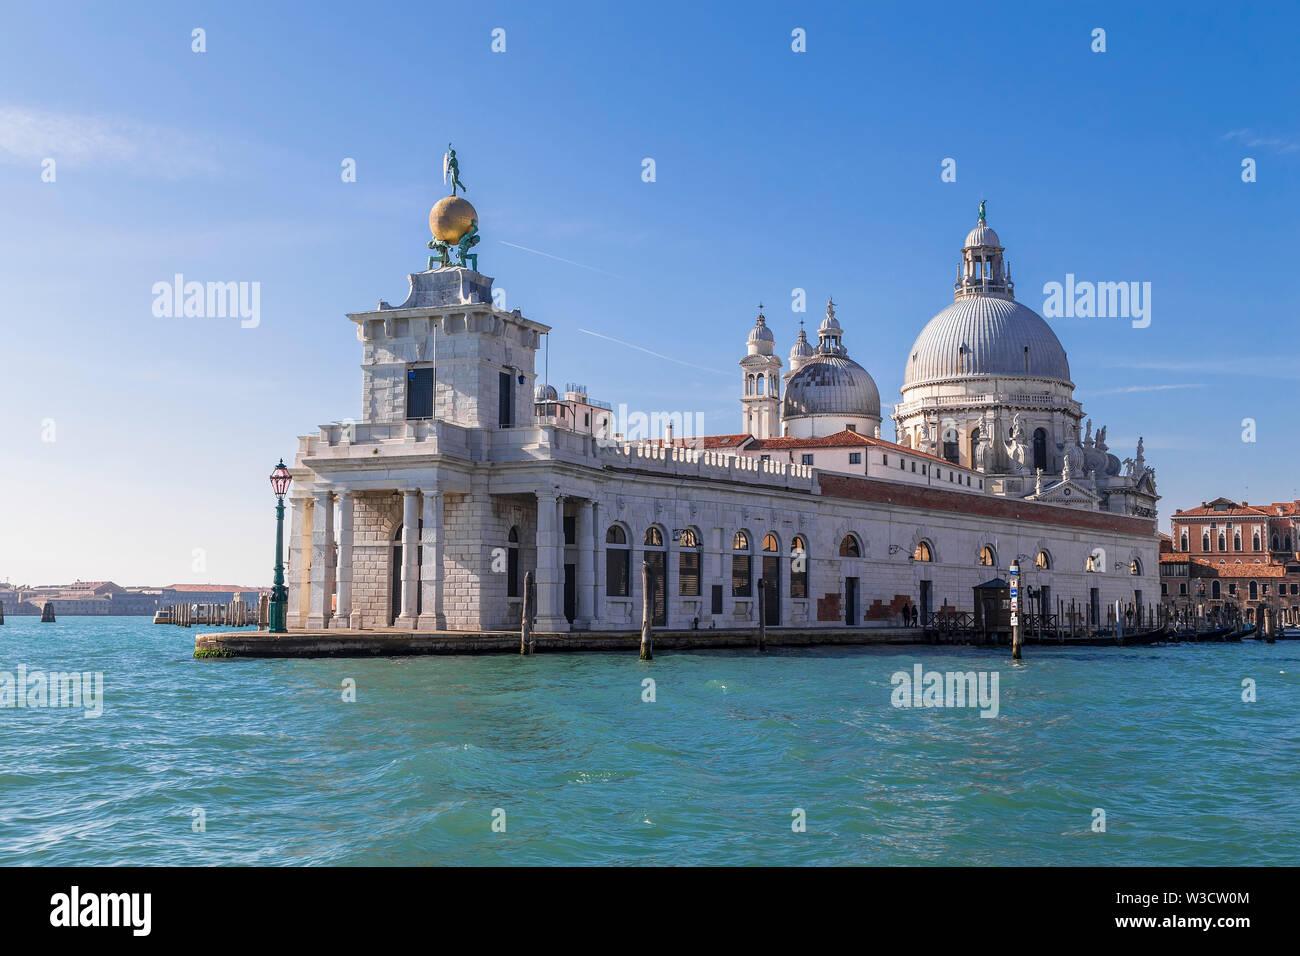 Punta della Dogana. Venice. Italy - Stock Image